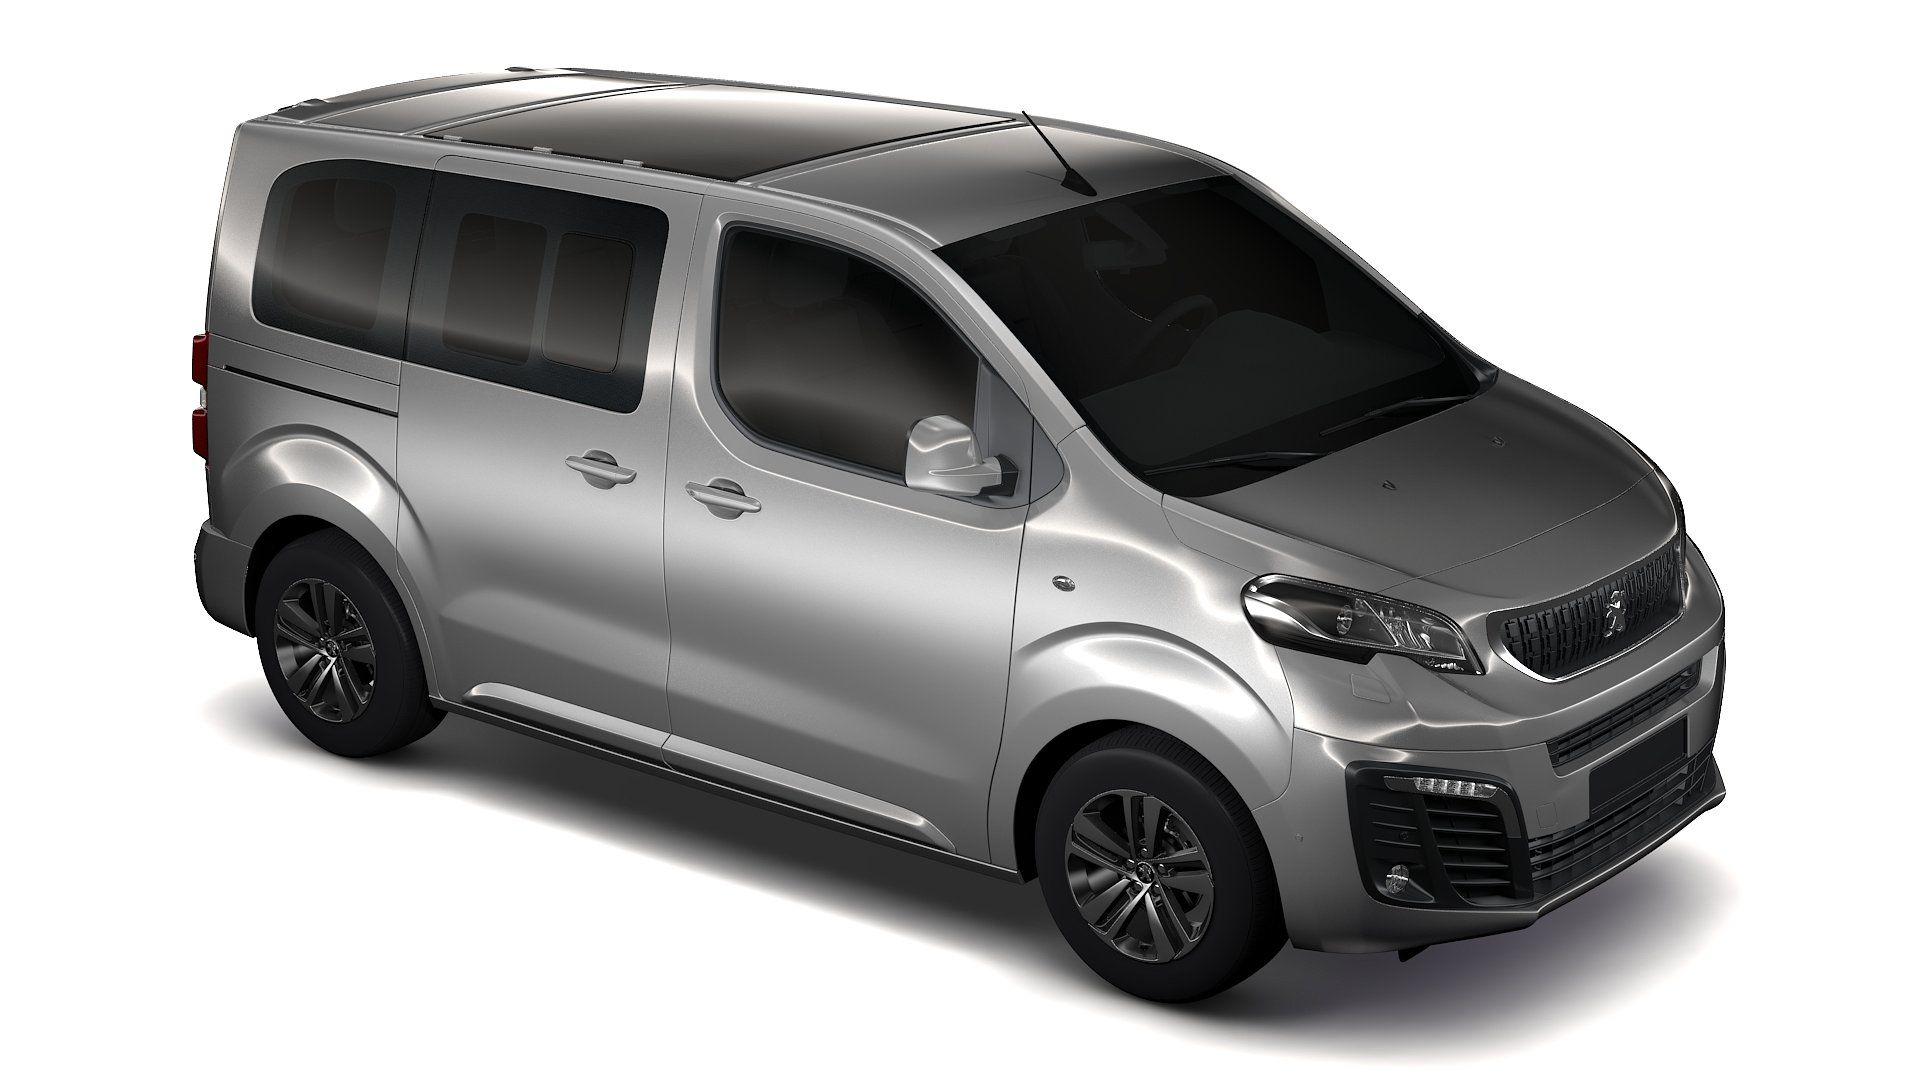 Peugeot Traveller L1 2017 Coloraplychangereal